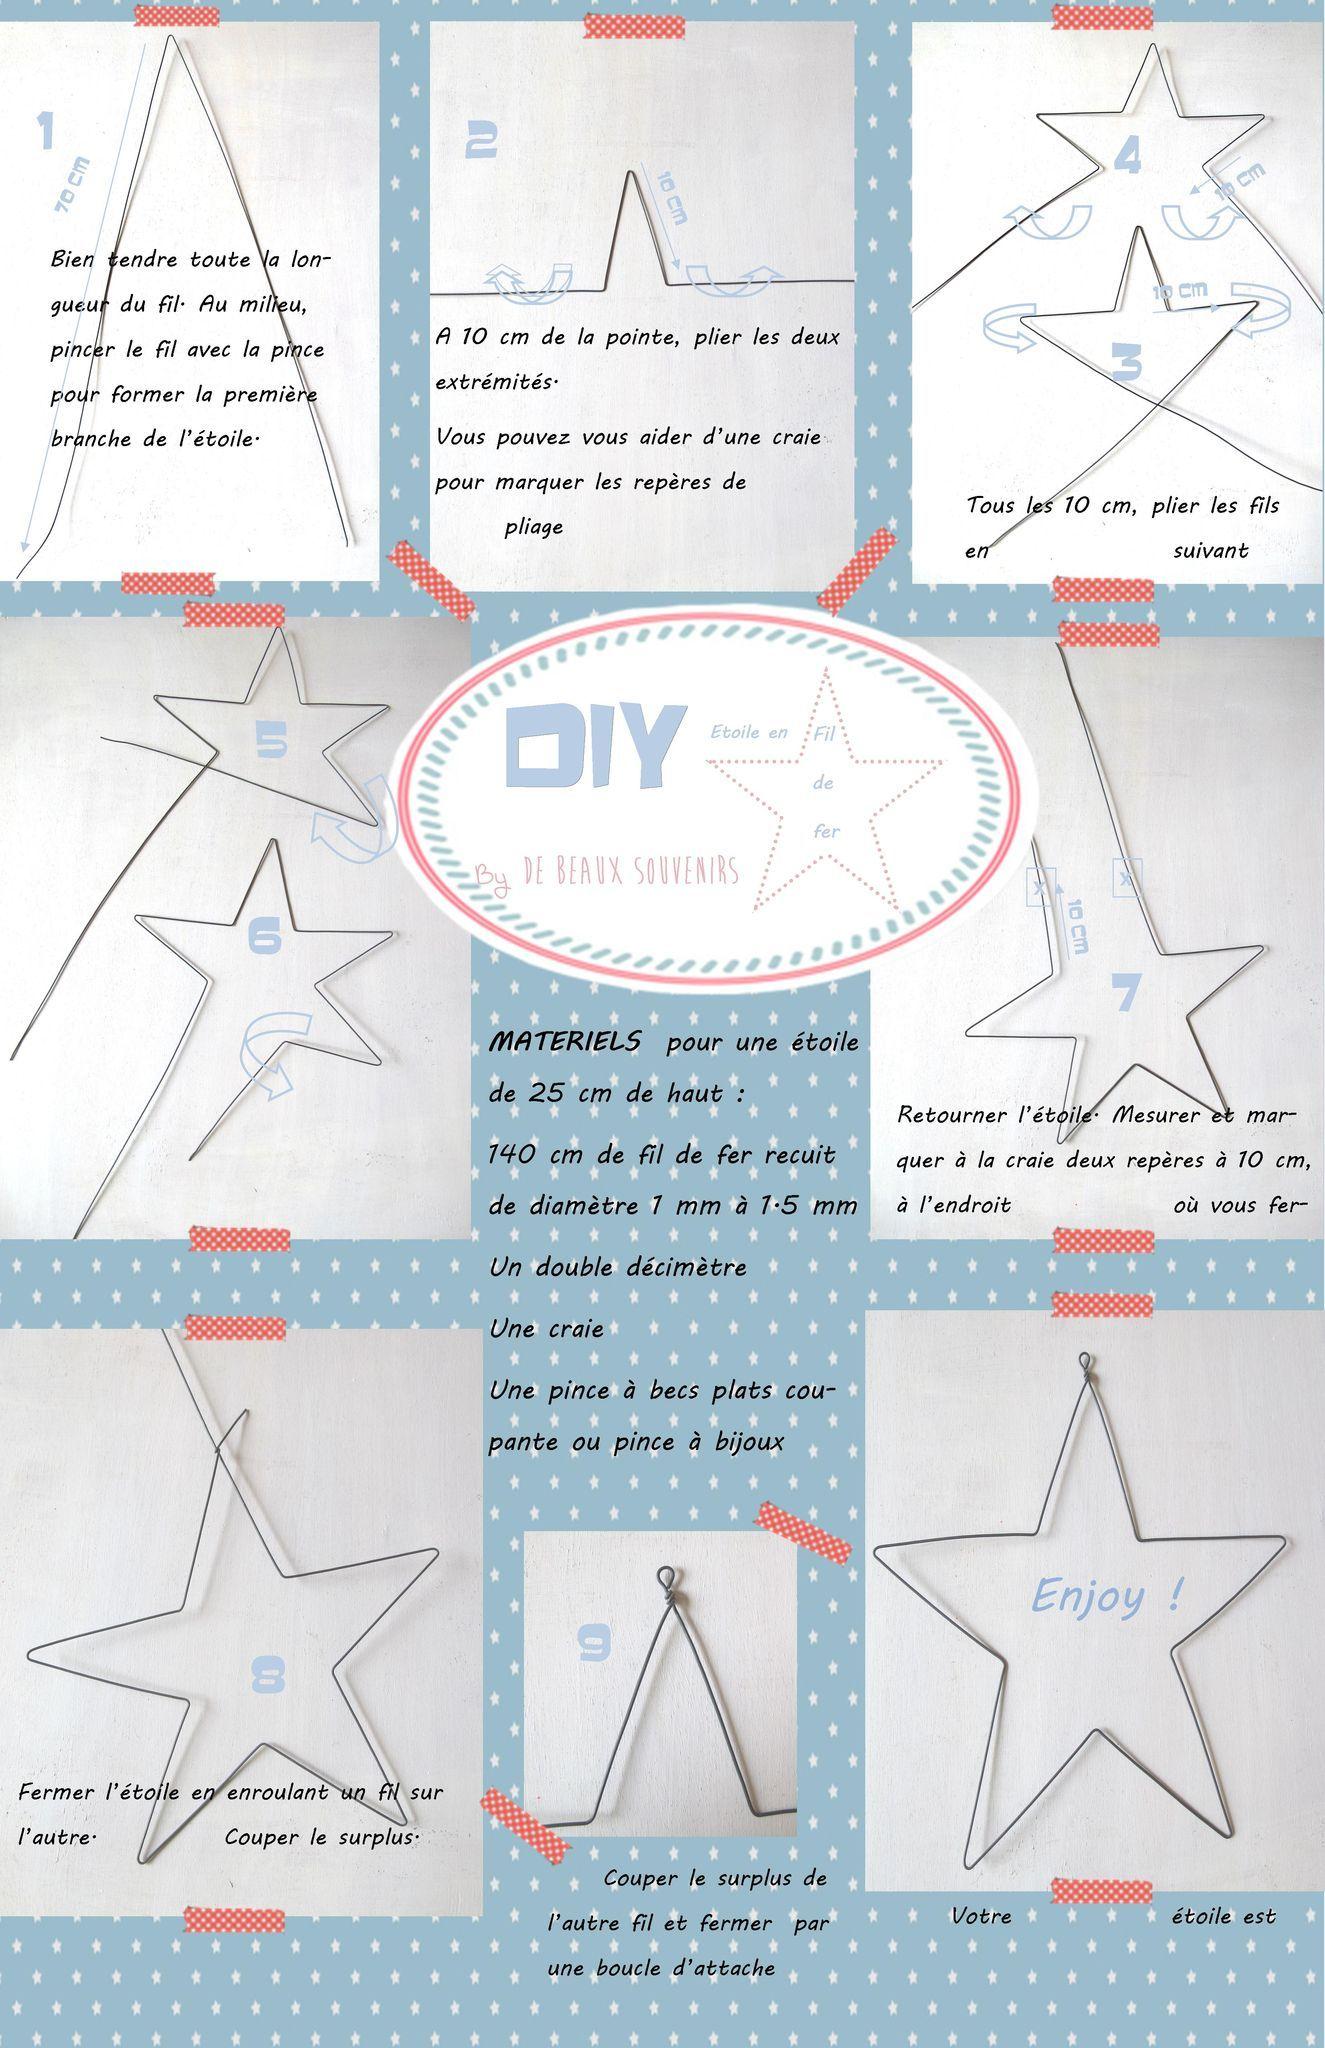 DIY { Faire une étoile en fil de fer } - De Beaux Souvenirs create a ...